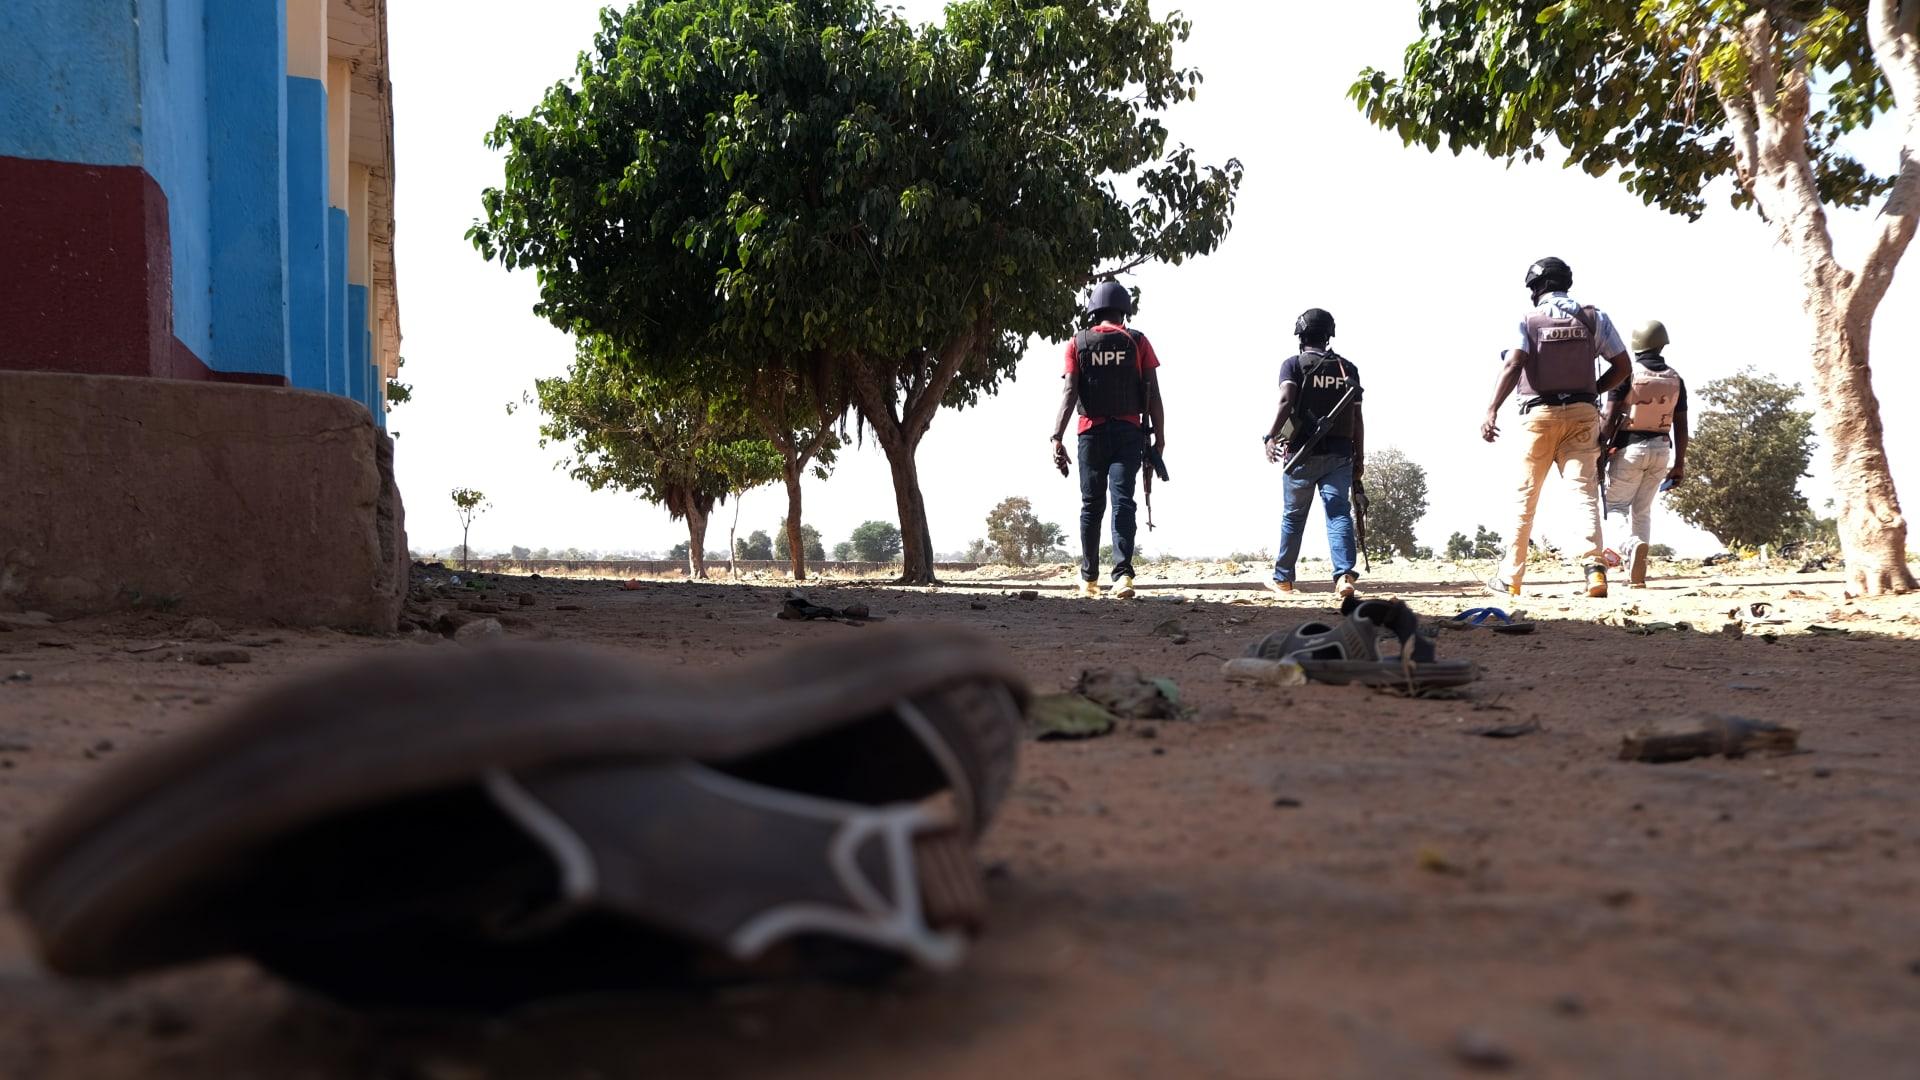 في تسجيل صوتي.. بوكو حرام تتبنى عملية خطف طلاب في نيجيريا